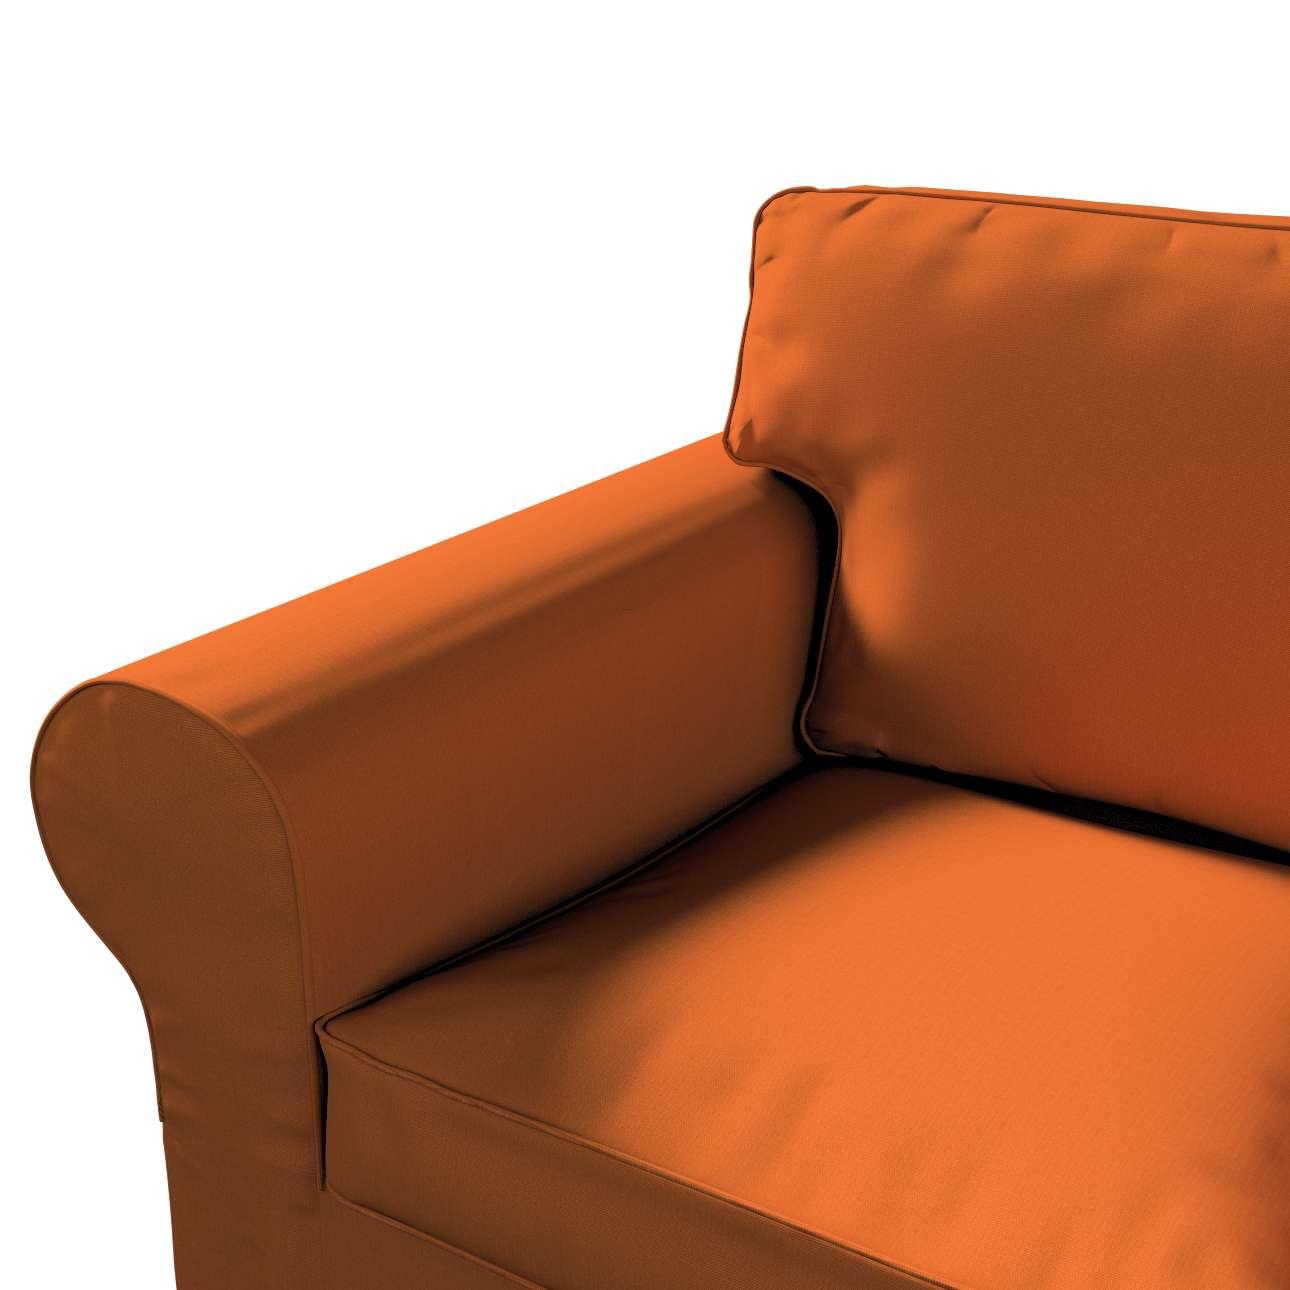 Pokrowiec na sofę Ektorp 2-osobową, rozkładaną, model do 2012 w kolekcji Cotton Panama, tkanina: 702-42